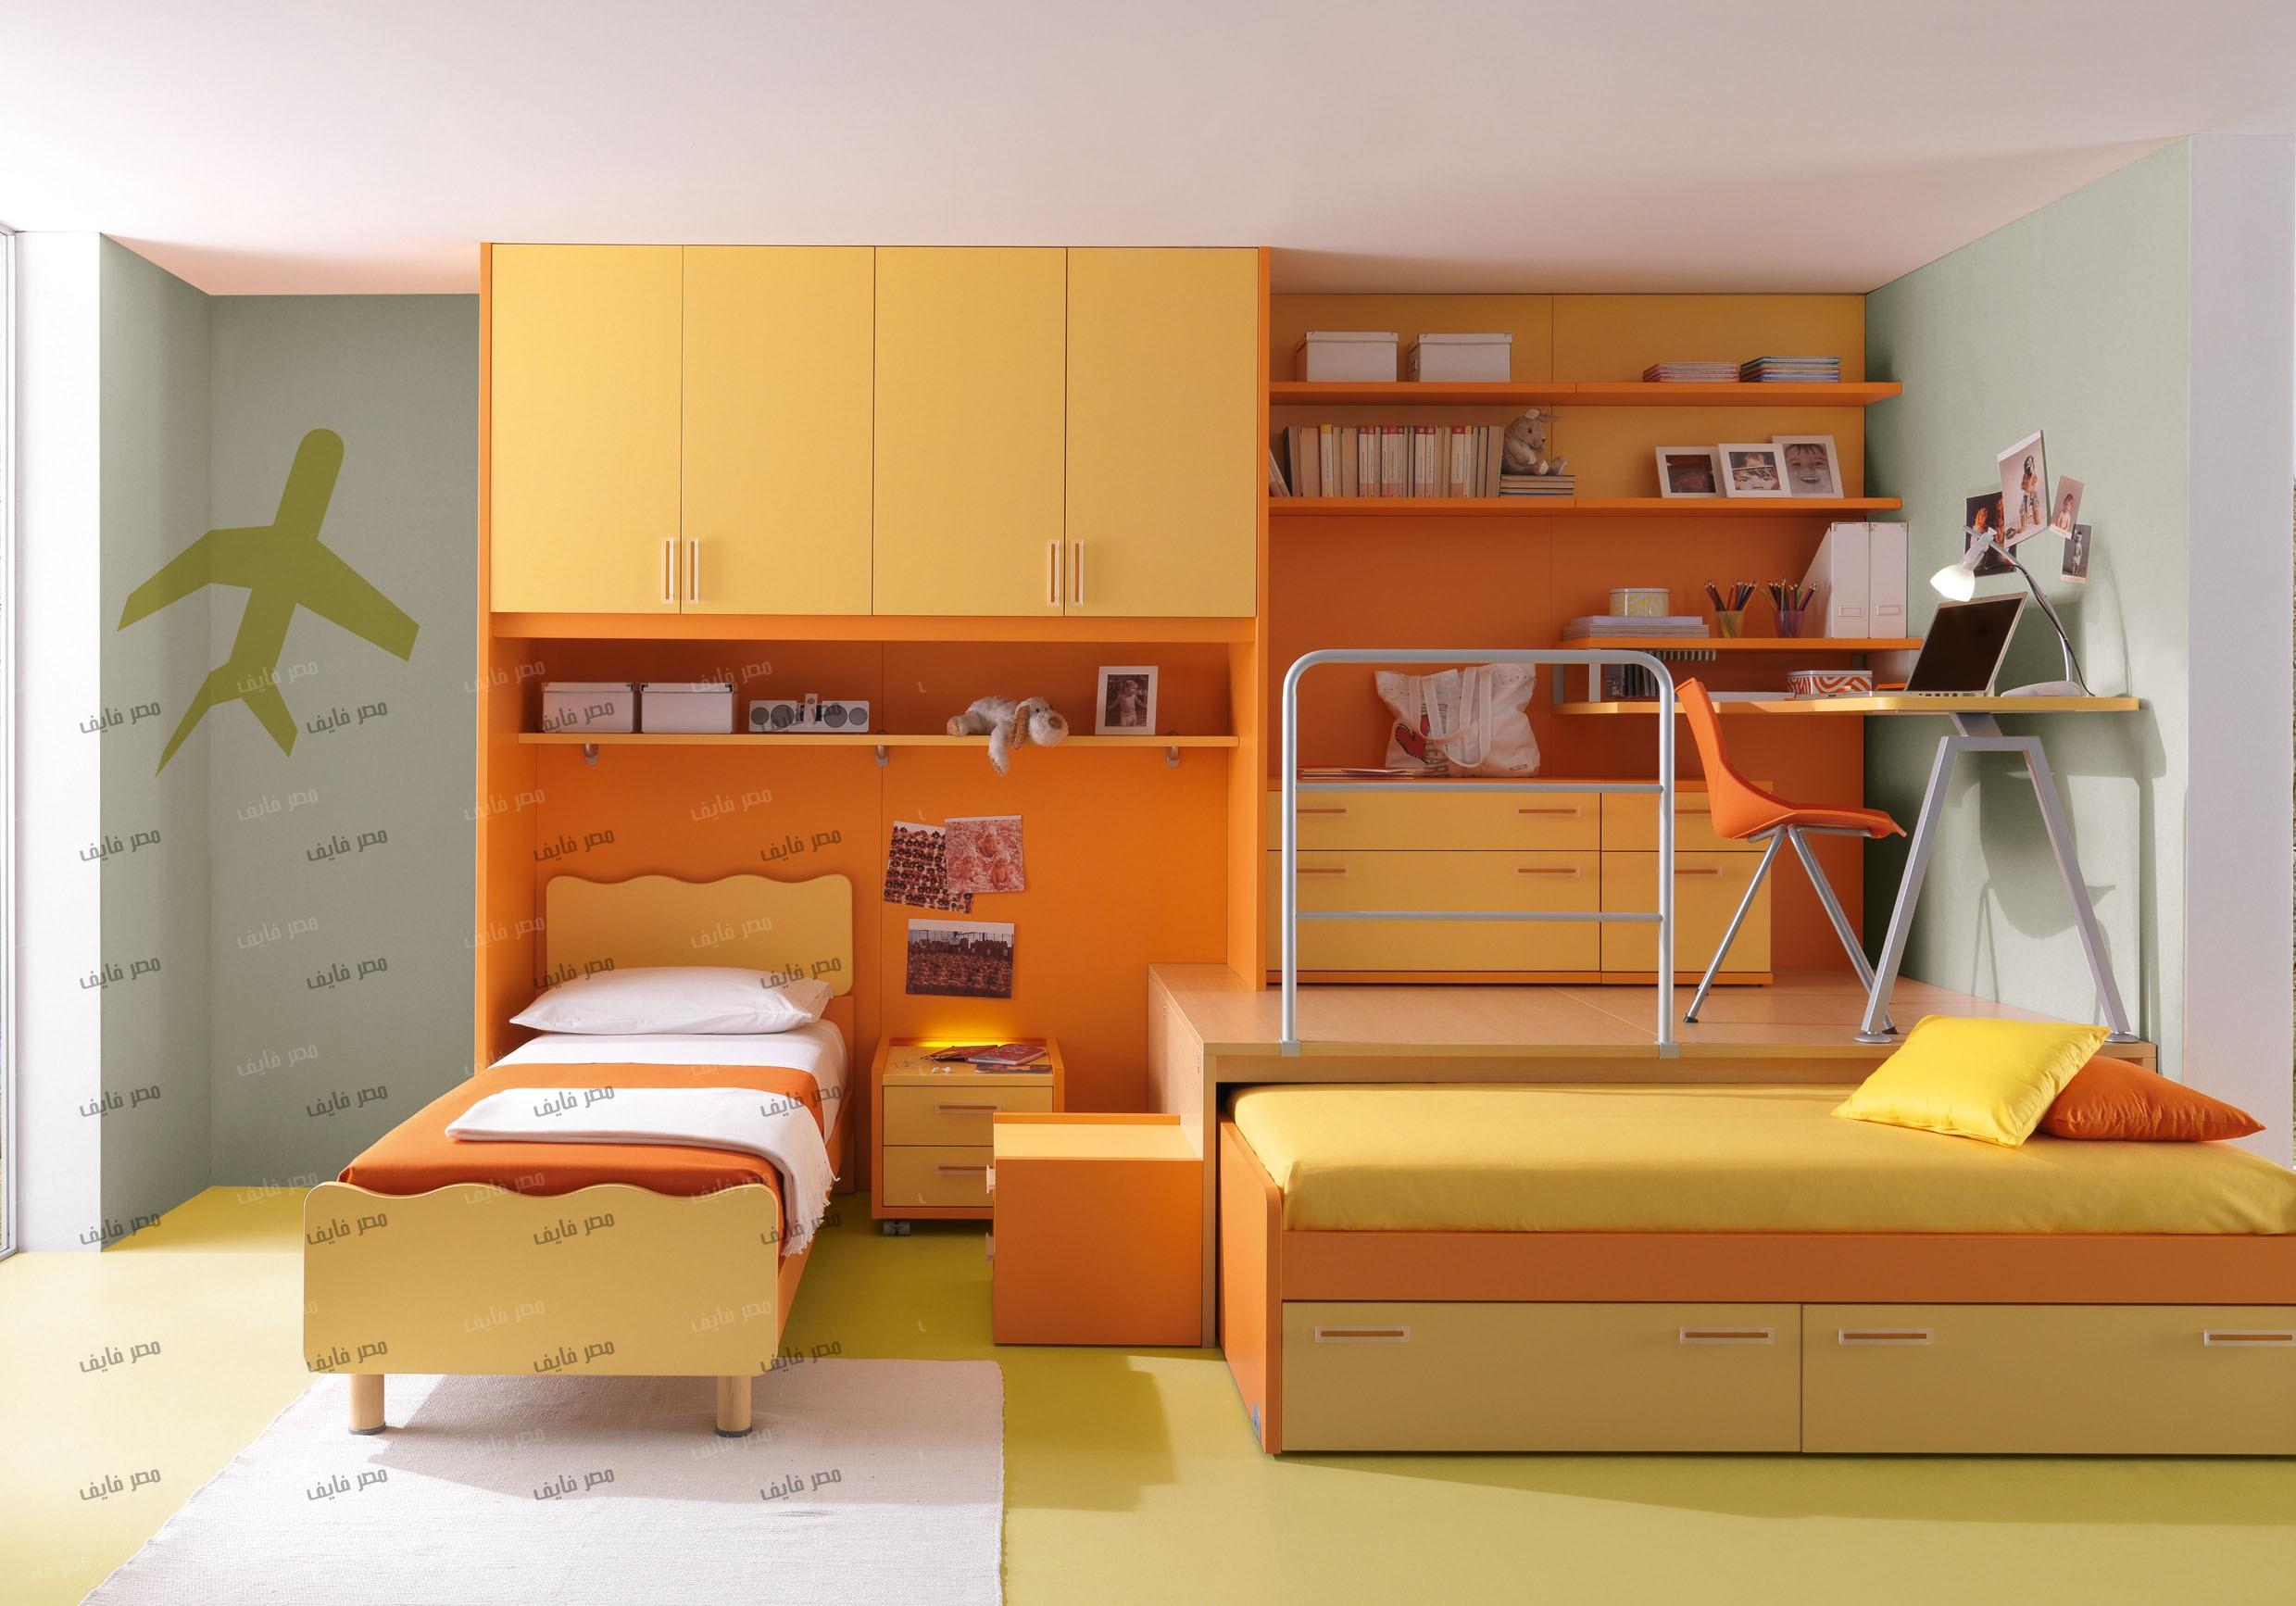 بالصور صور غرف اطفال , اجمل الاوض المميزة للصغار 3639 7